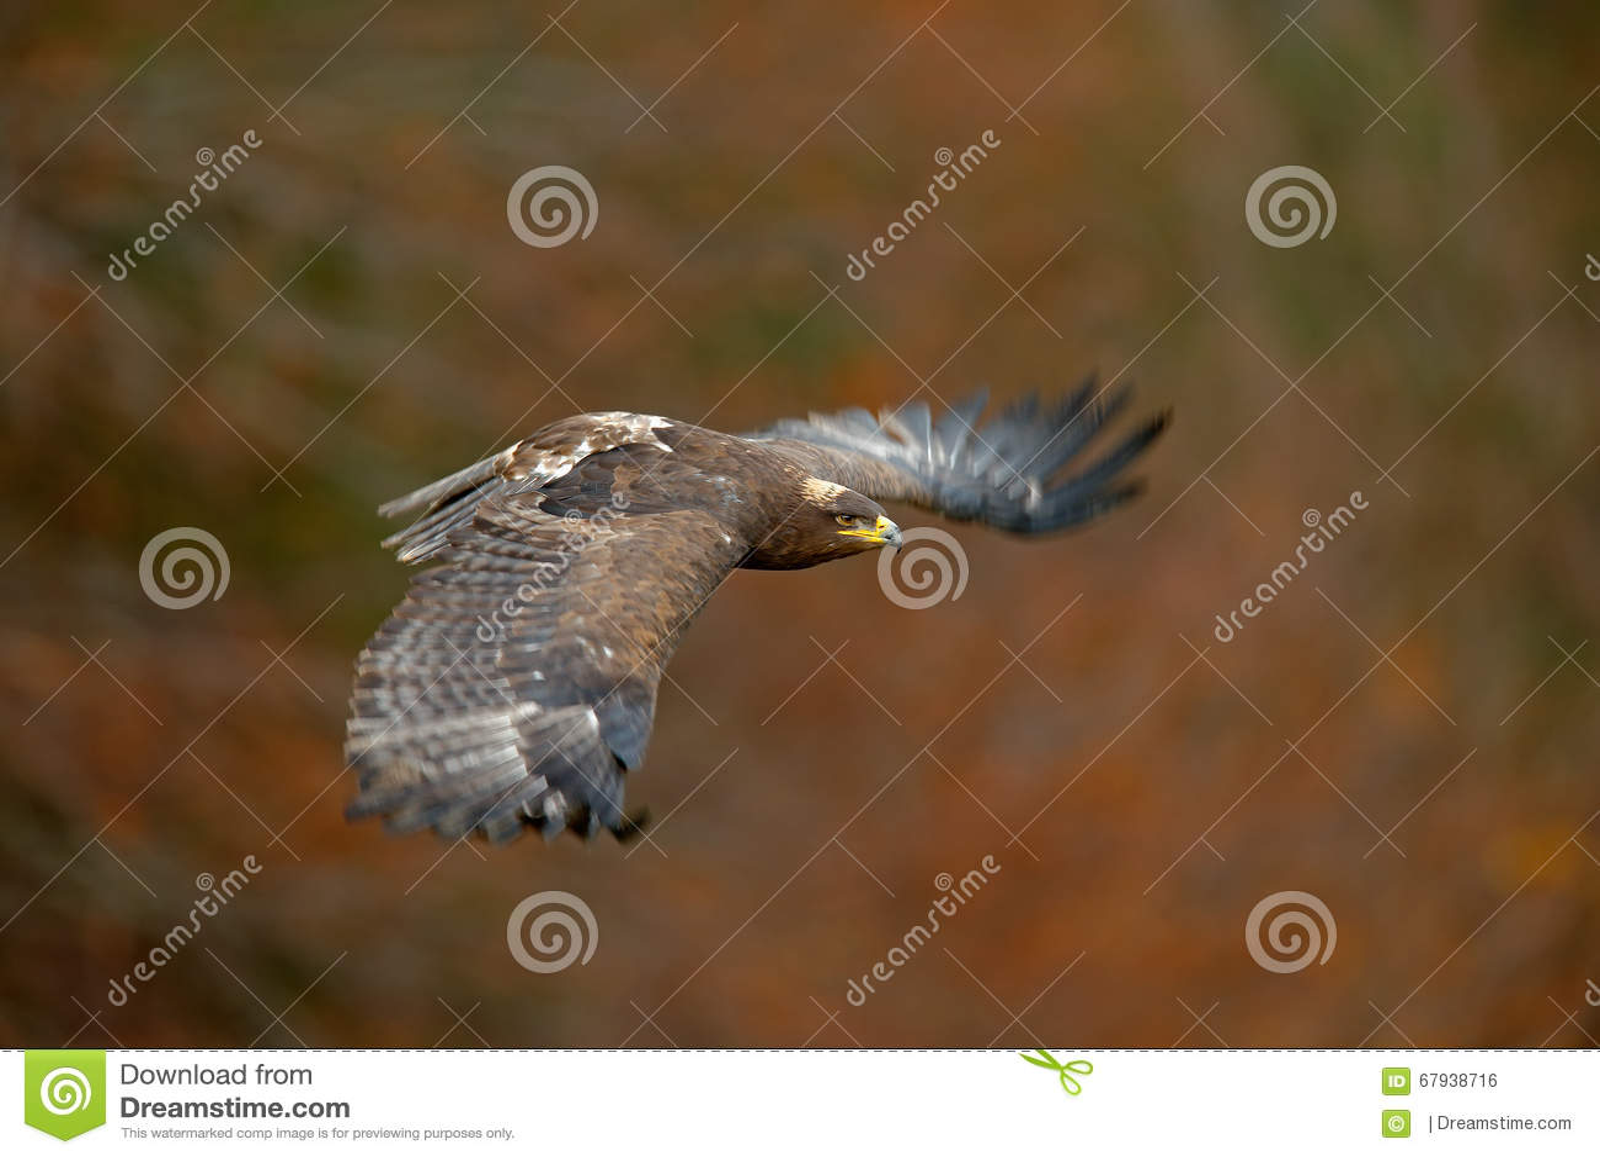 Pássaro escuro de voo dos músculos do estepe Eagle da rapina, nipalensis de Aquila, com grande envergadura